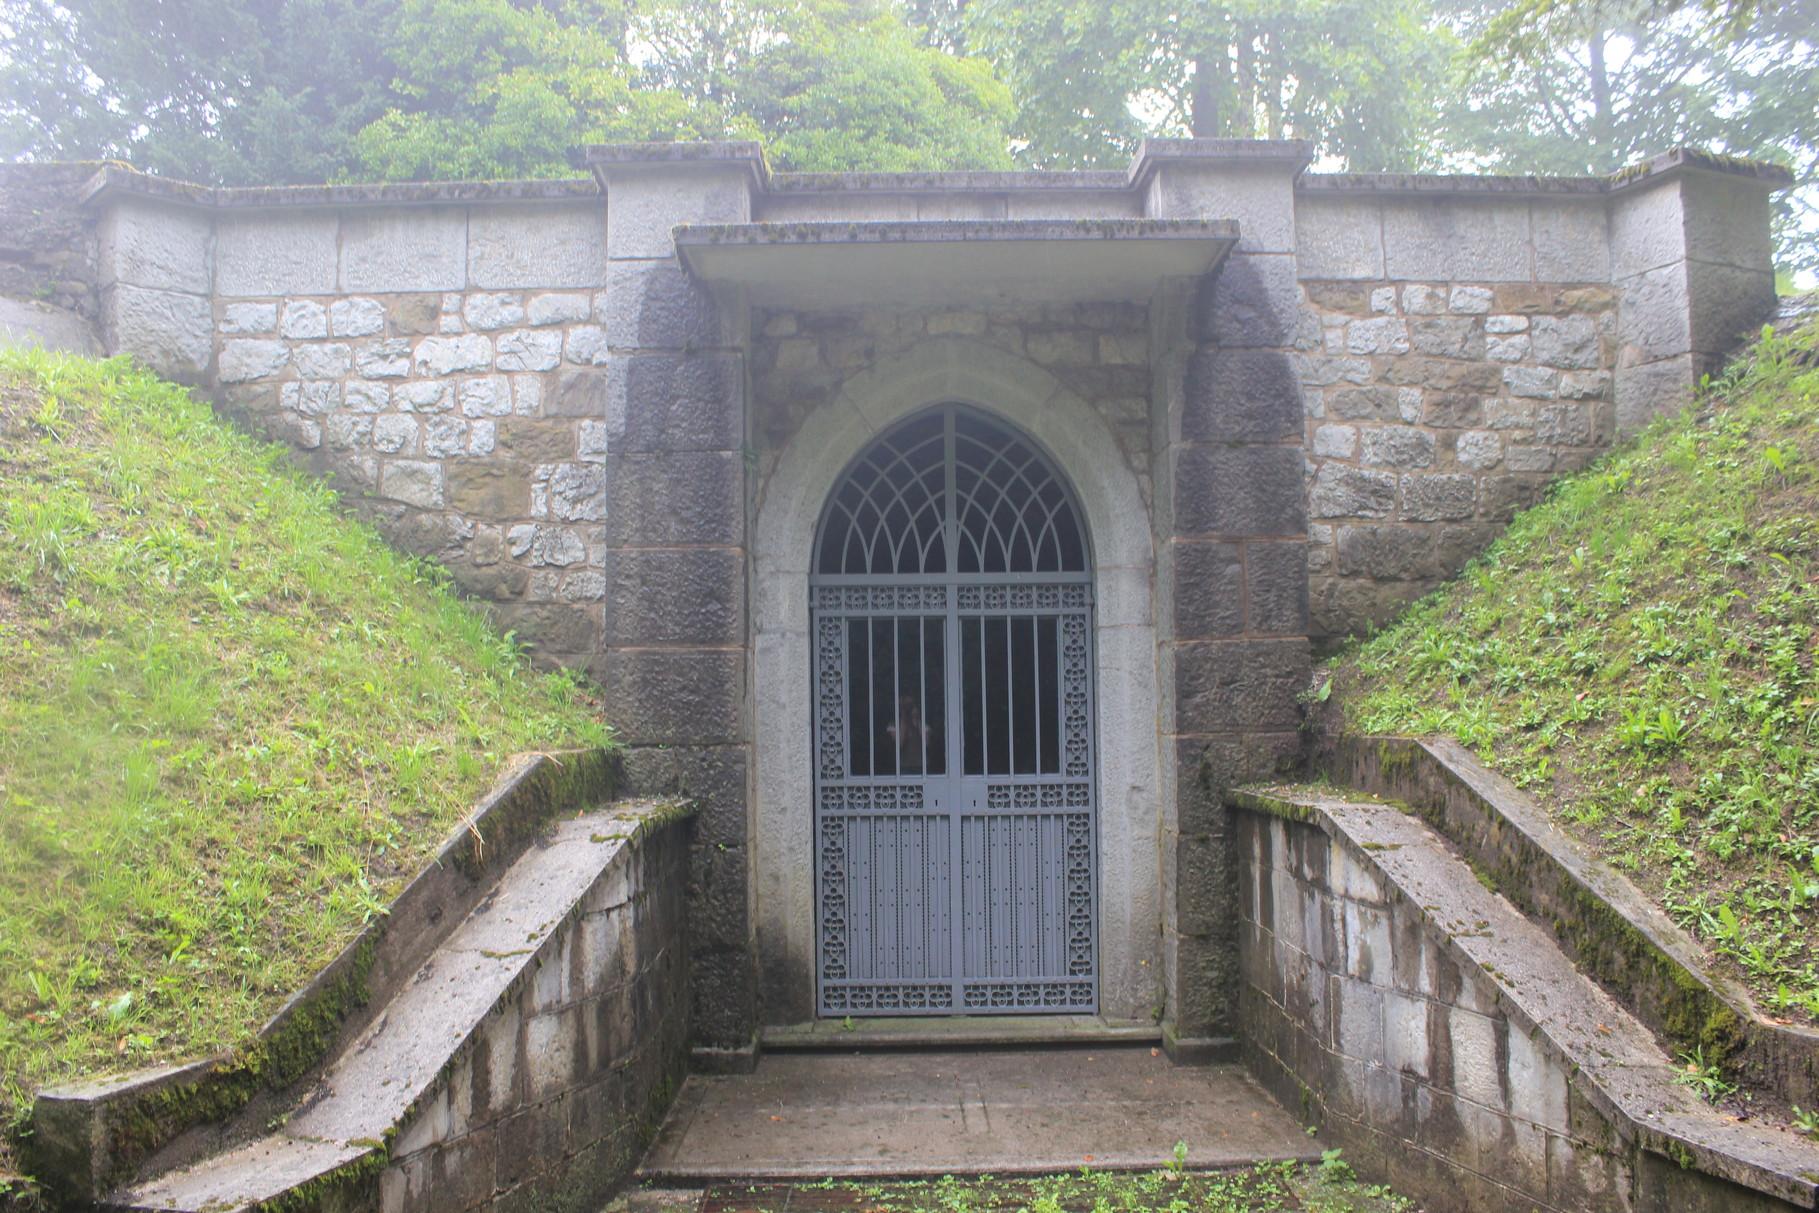 L'ingresso alle tombe nel parco del castello di Pielungo